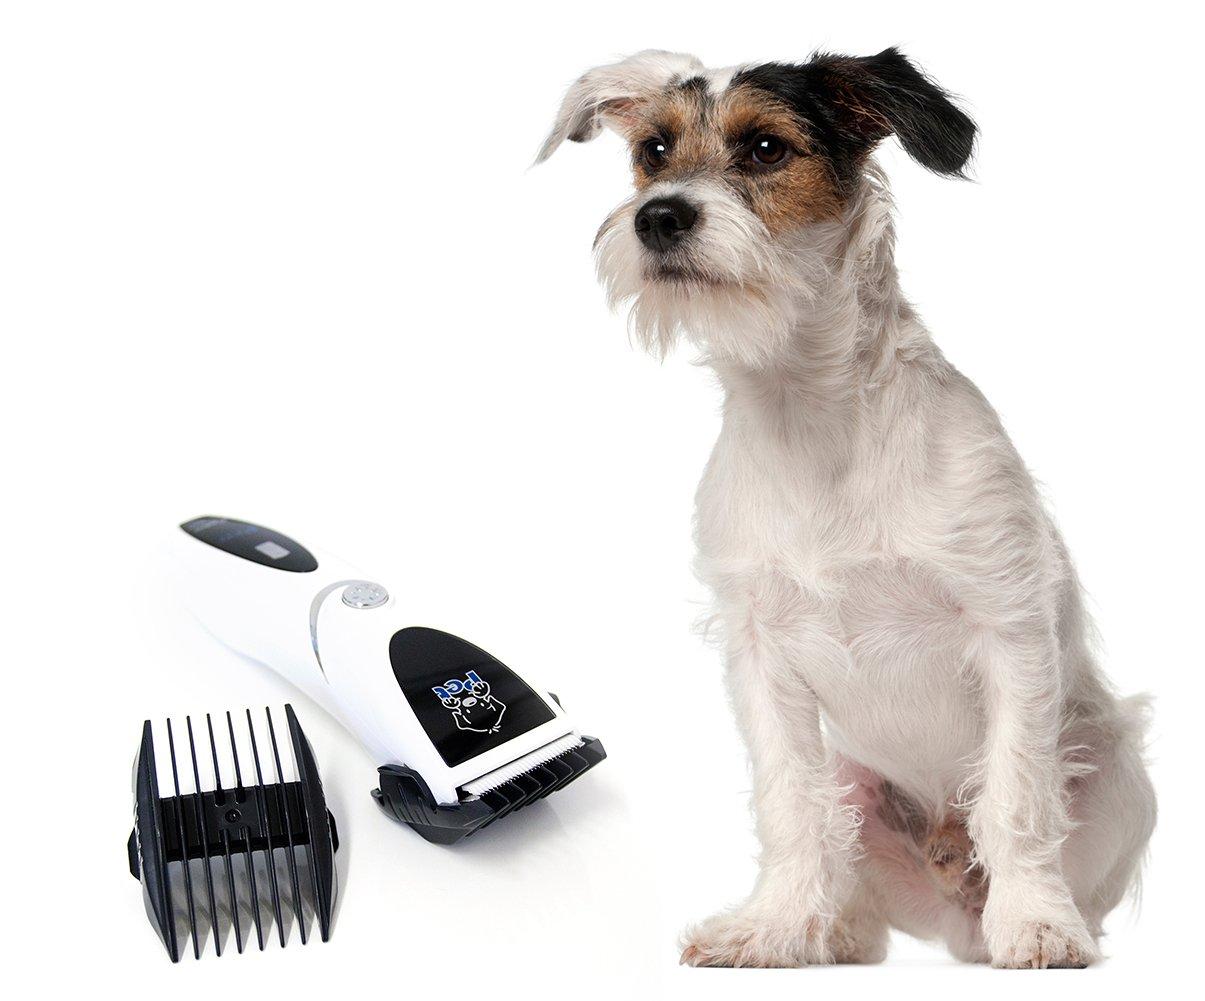 Rasoio elettrico ultra professionale Attrezzo elettrico per tosare gli animali domestici Tosatrice elettrica Forbice elettrica per cani colore bianco-argento marchio PRECORN